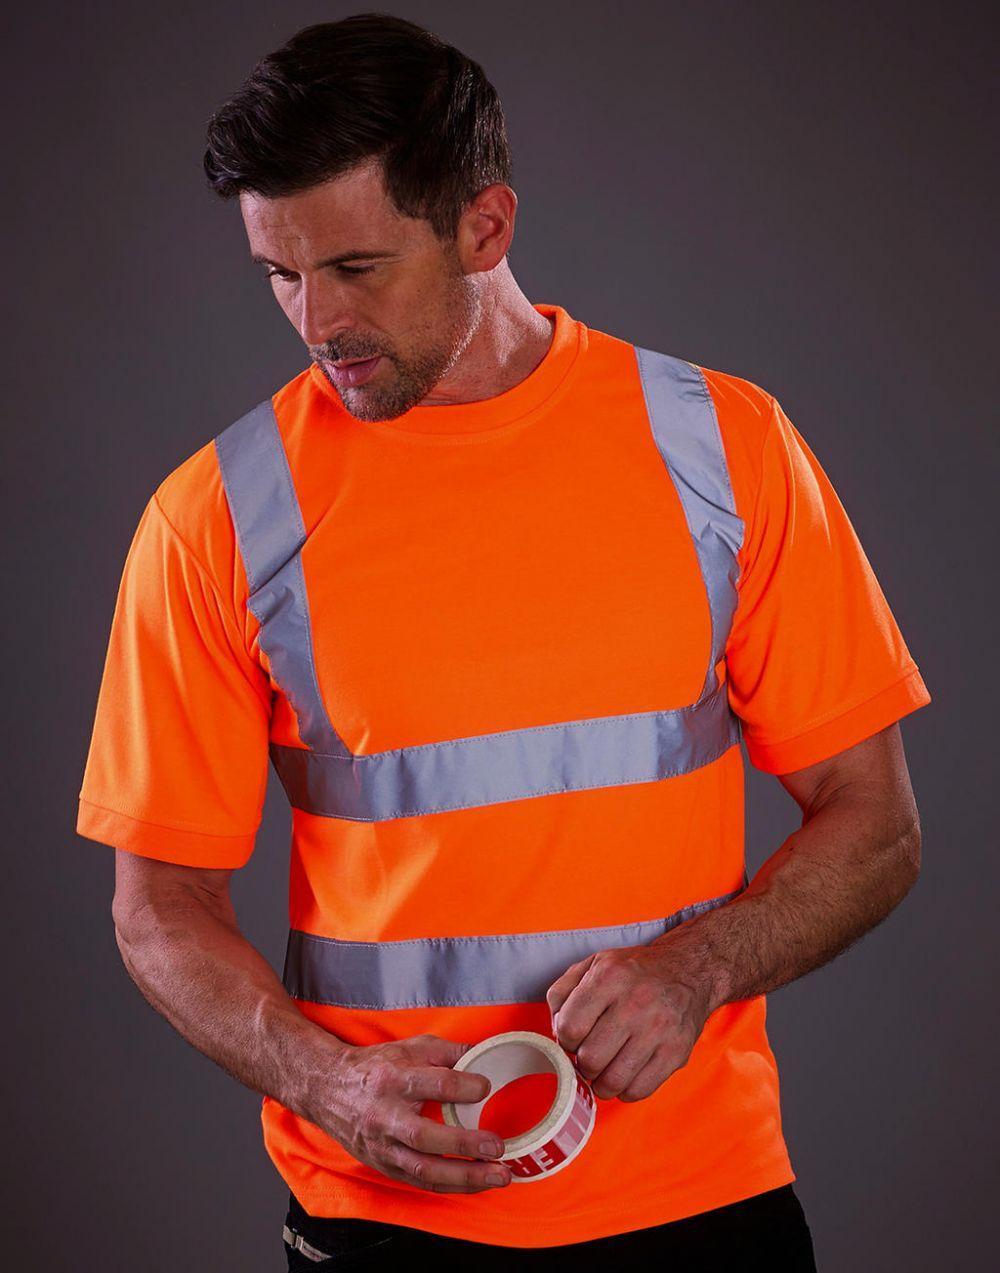 Camisetas reflectantes yoko fluo con logo vista 1